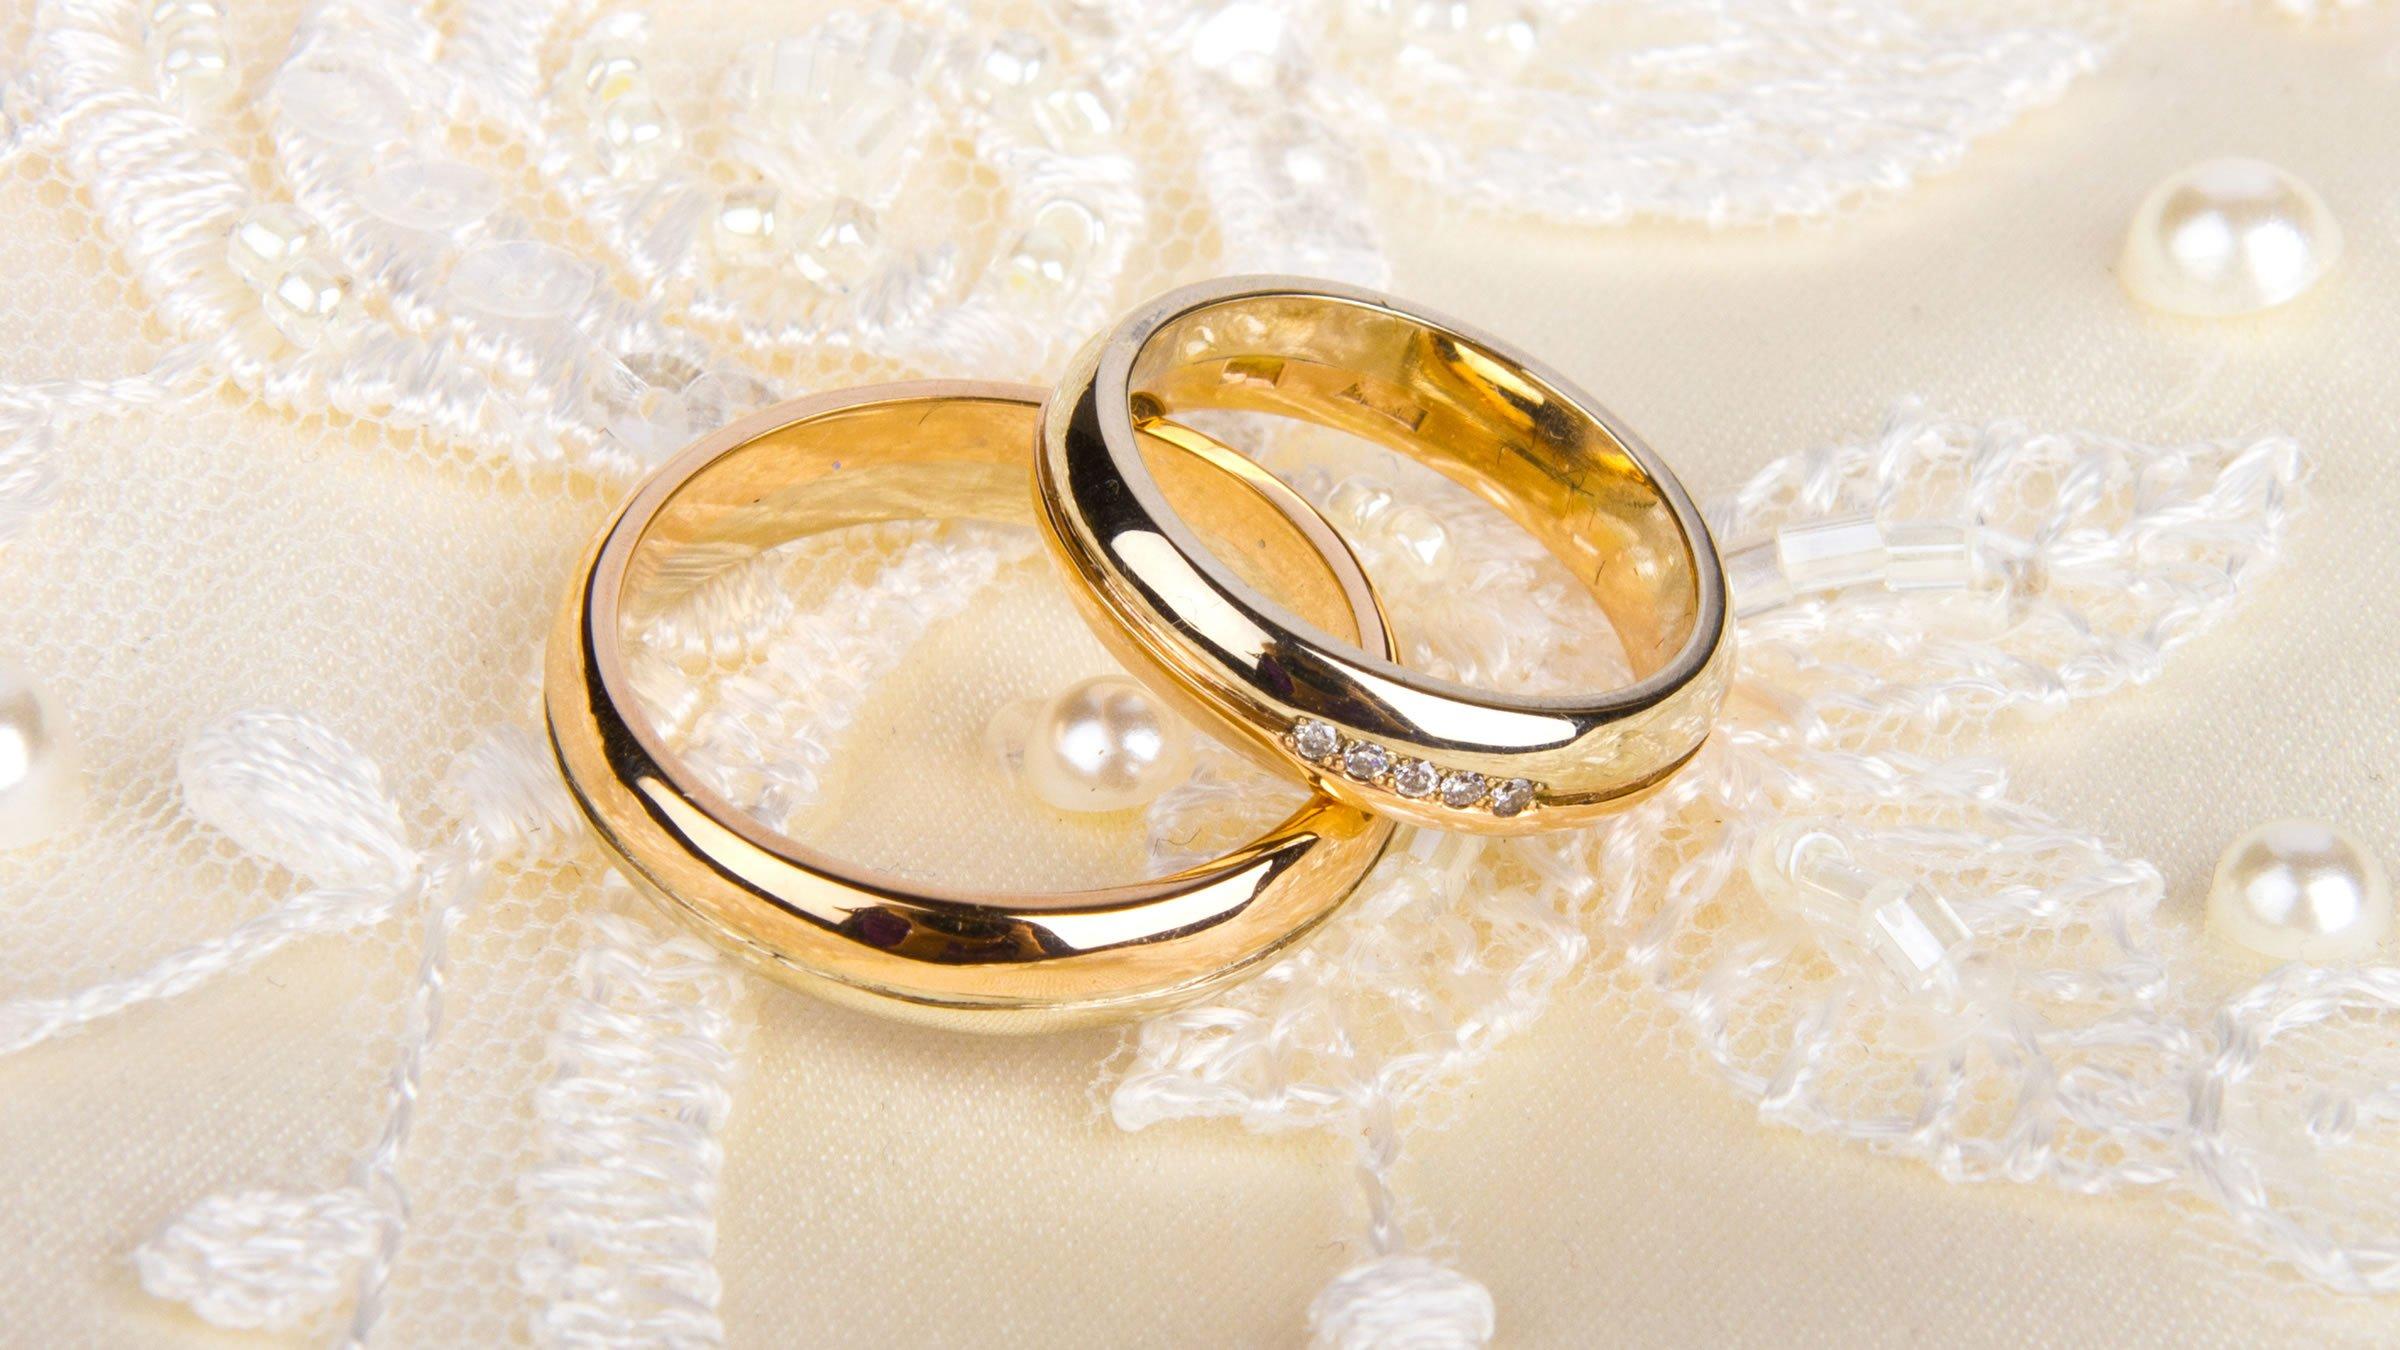 Consejería Matrimonial Catolico Gratis : La importancia del matrimonio en italia